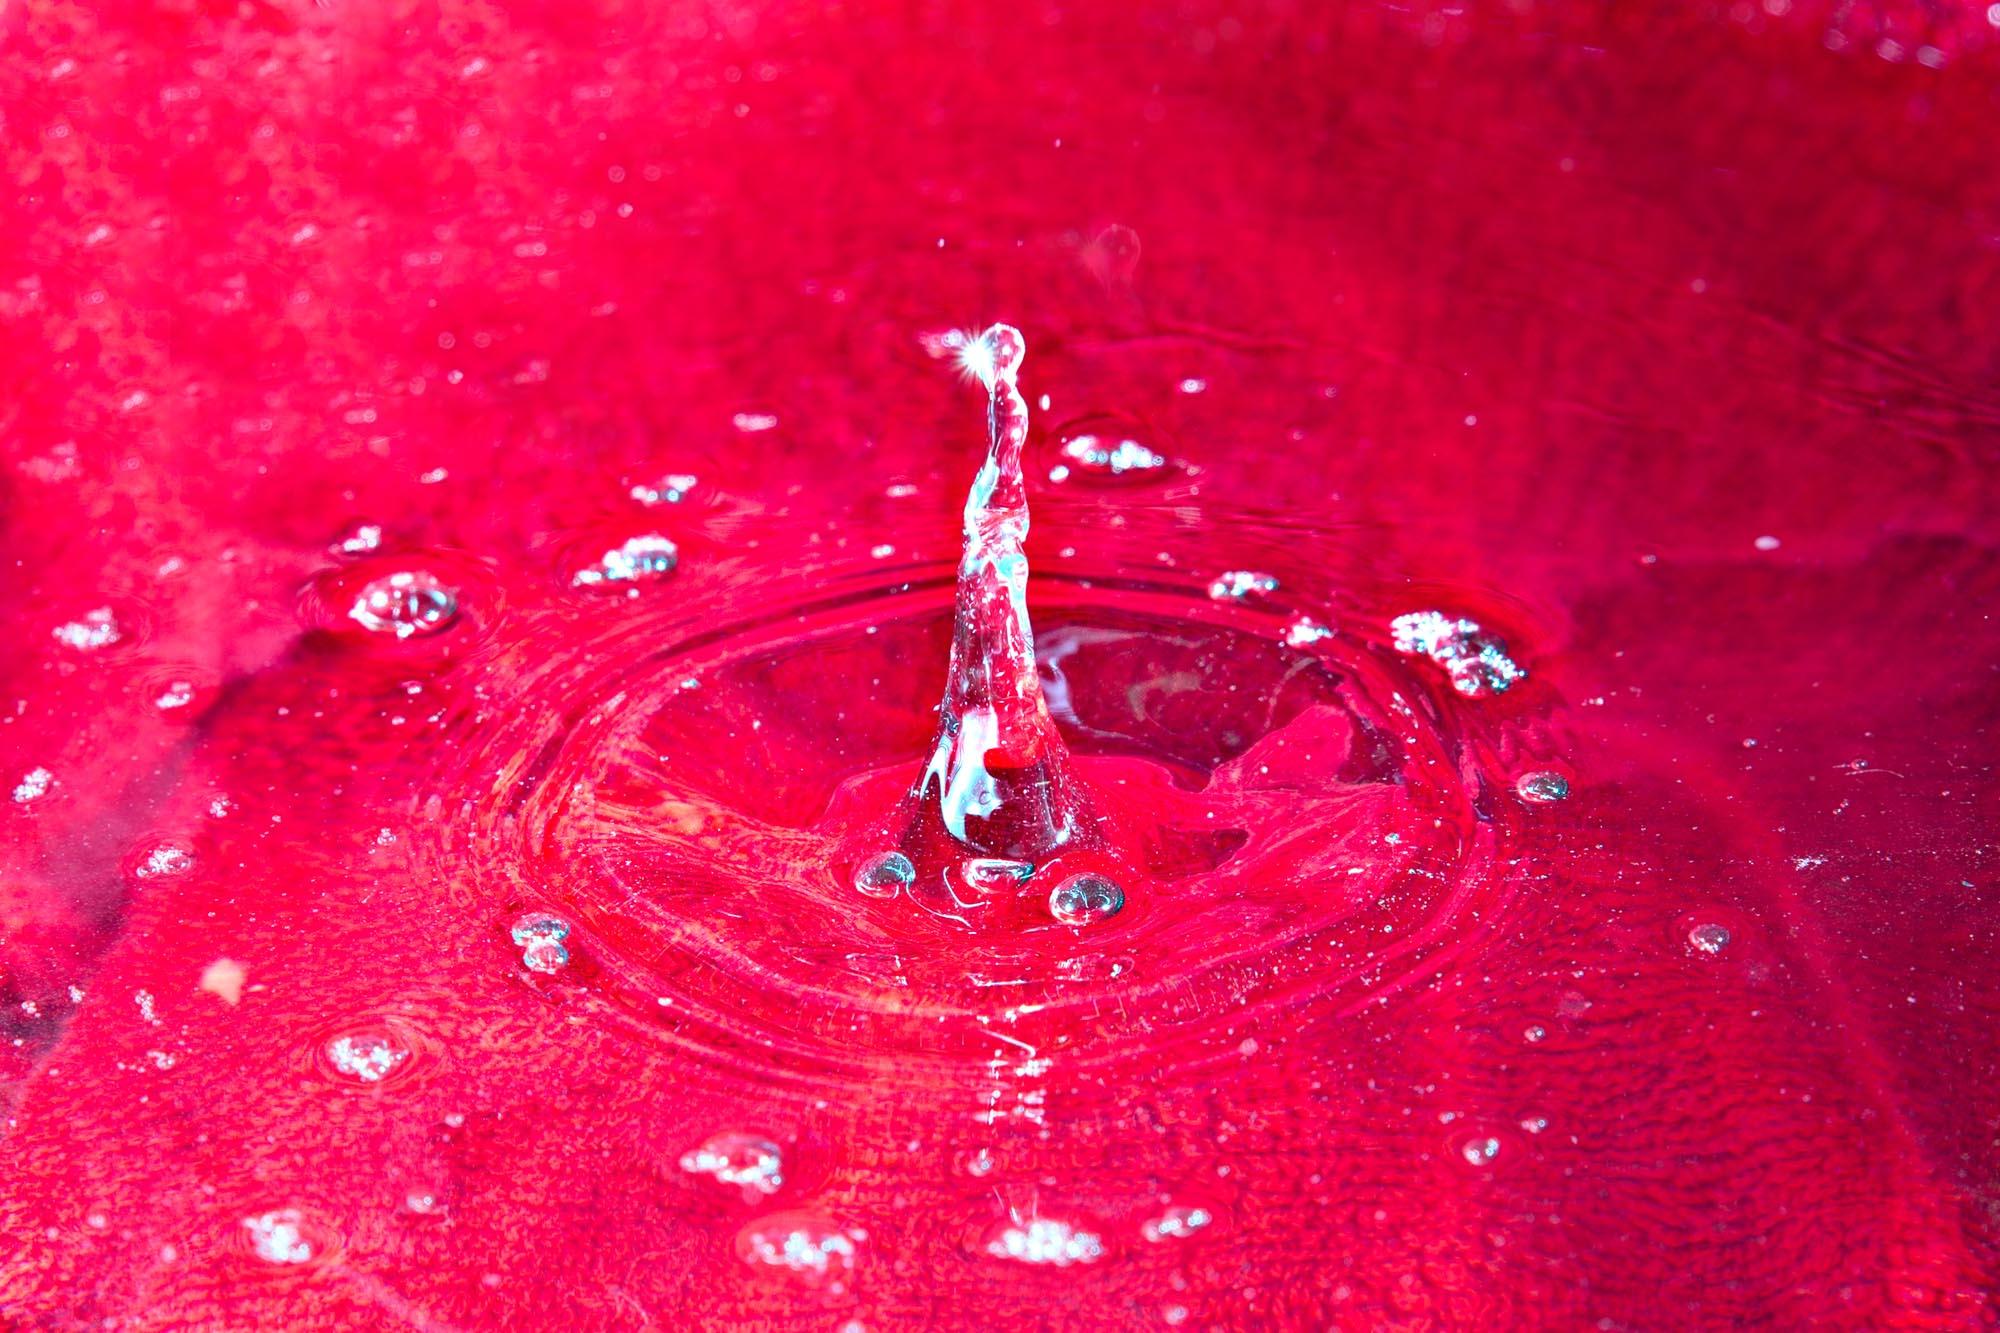 Blod er tykkere enn vann...